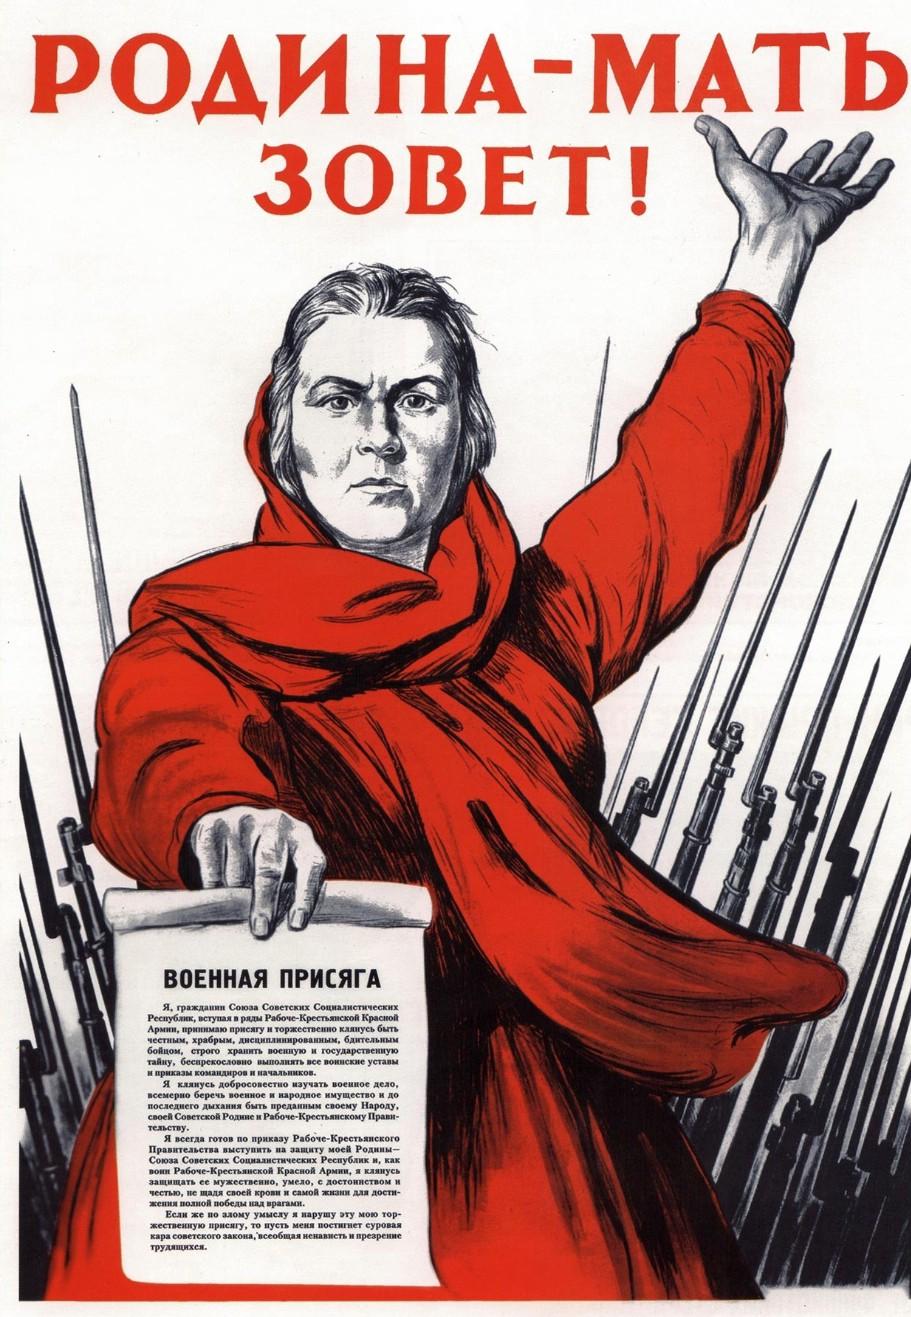 """Thành ngữ """"Rodina-mẹ đang gọi"""" (Родина-мать зовет) từ áp phích nổi tiếng của Liên Xô nhấn mạnh rằng nó có giới tính nữ."""